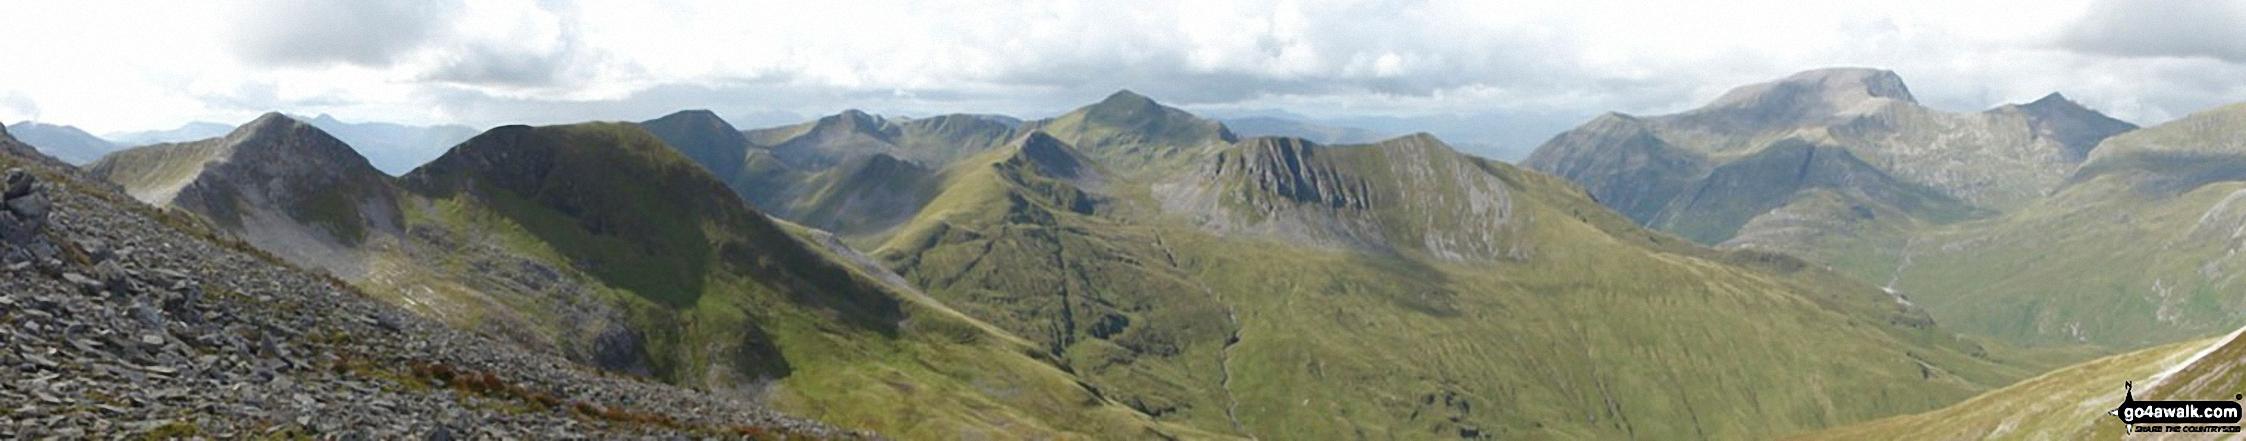 Na Gruagaichean, Na Gruagaichean (North West Top), The Ring of Steall, Stob Coire a' Chairn, Sgurr a' Mhaim, An Garbhanach (An Gearanach), Ben Nevis and Carn Mor Dear from Binnein Mor in the Eastern Mamores